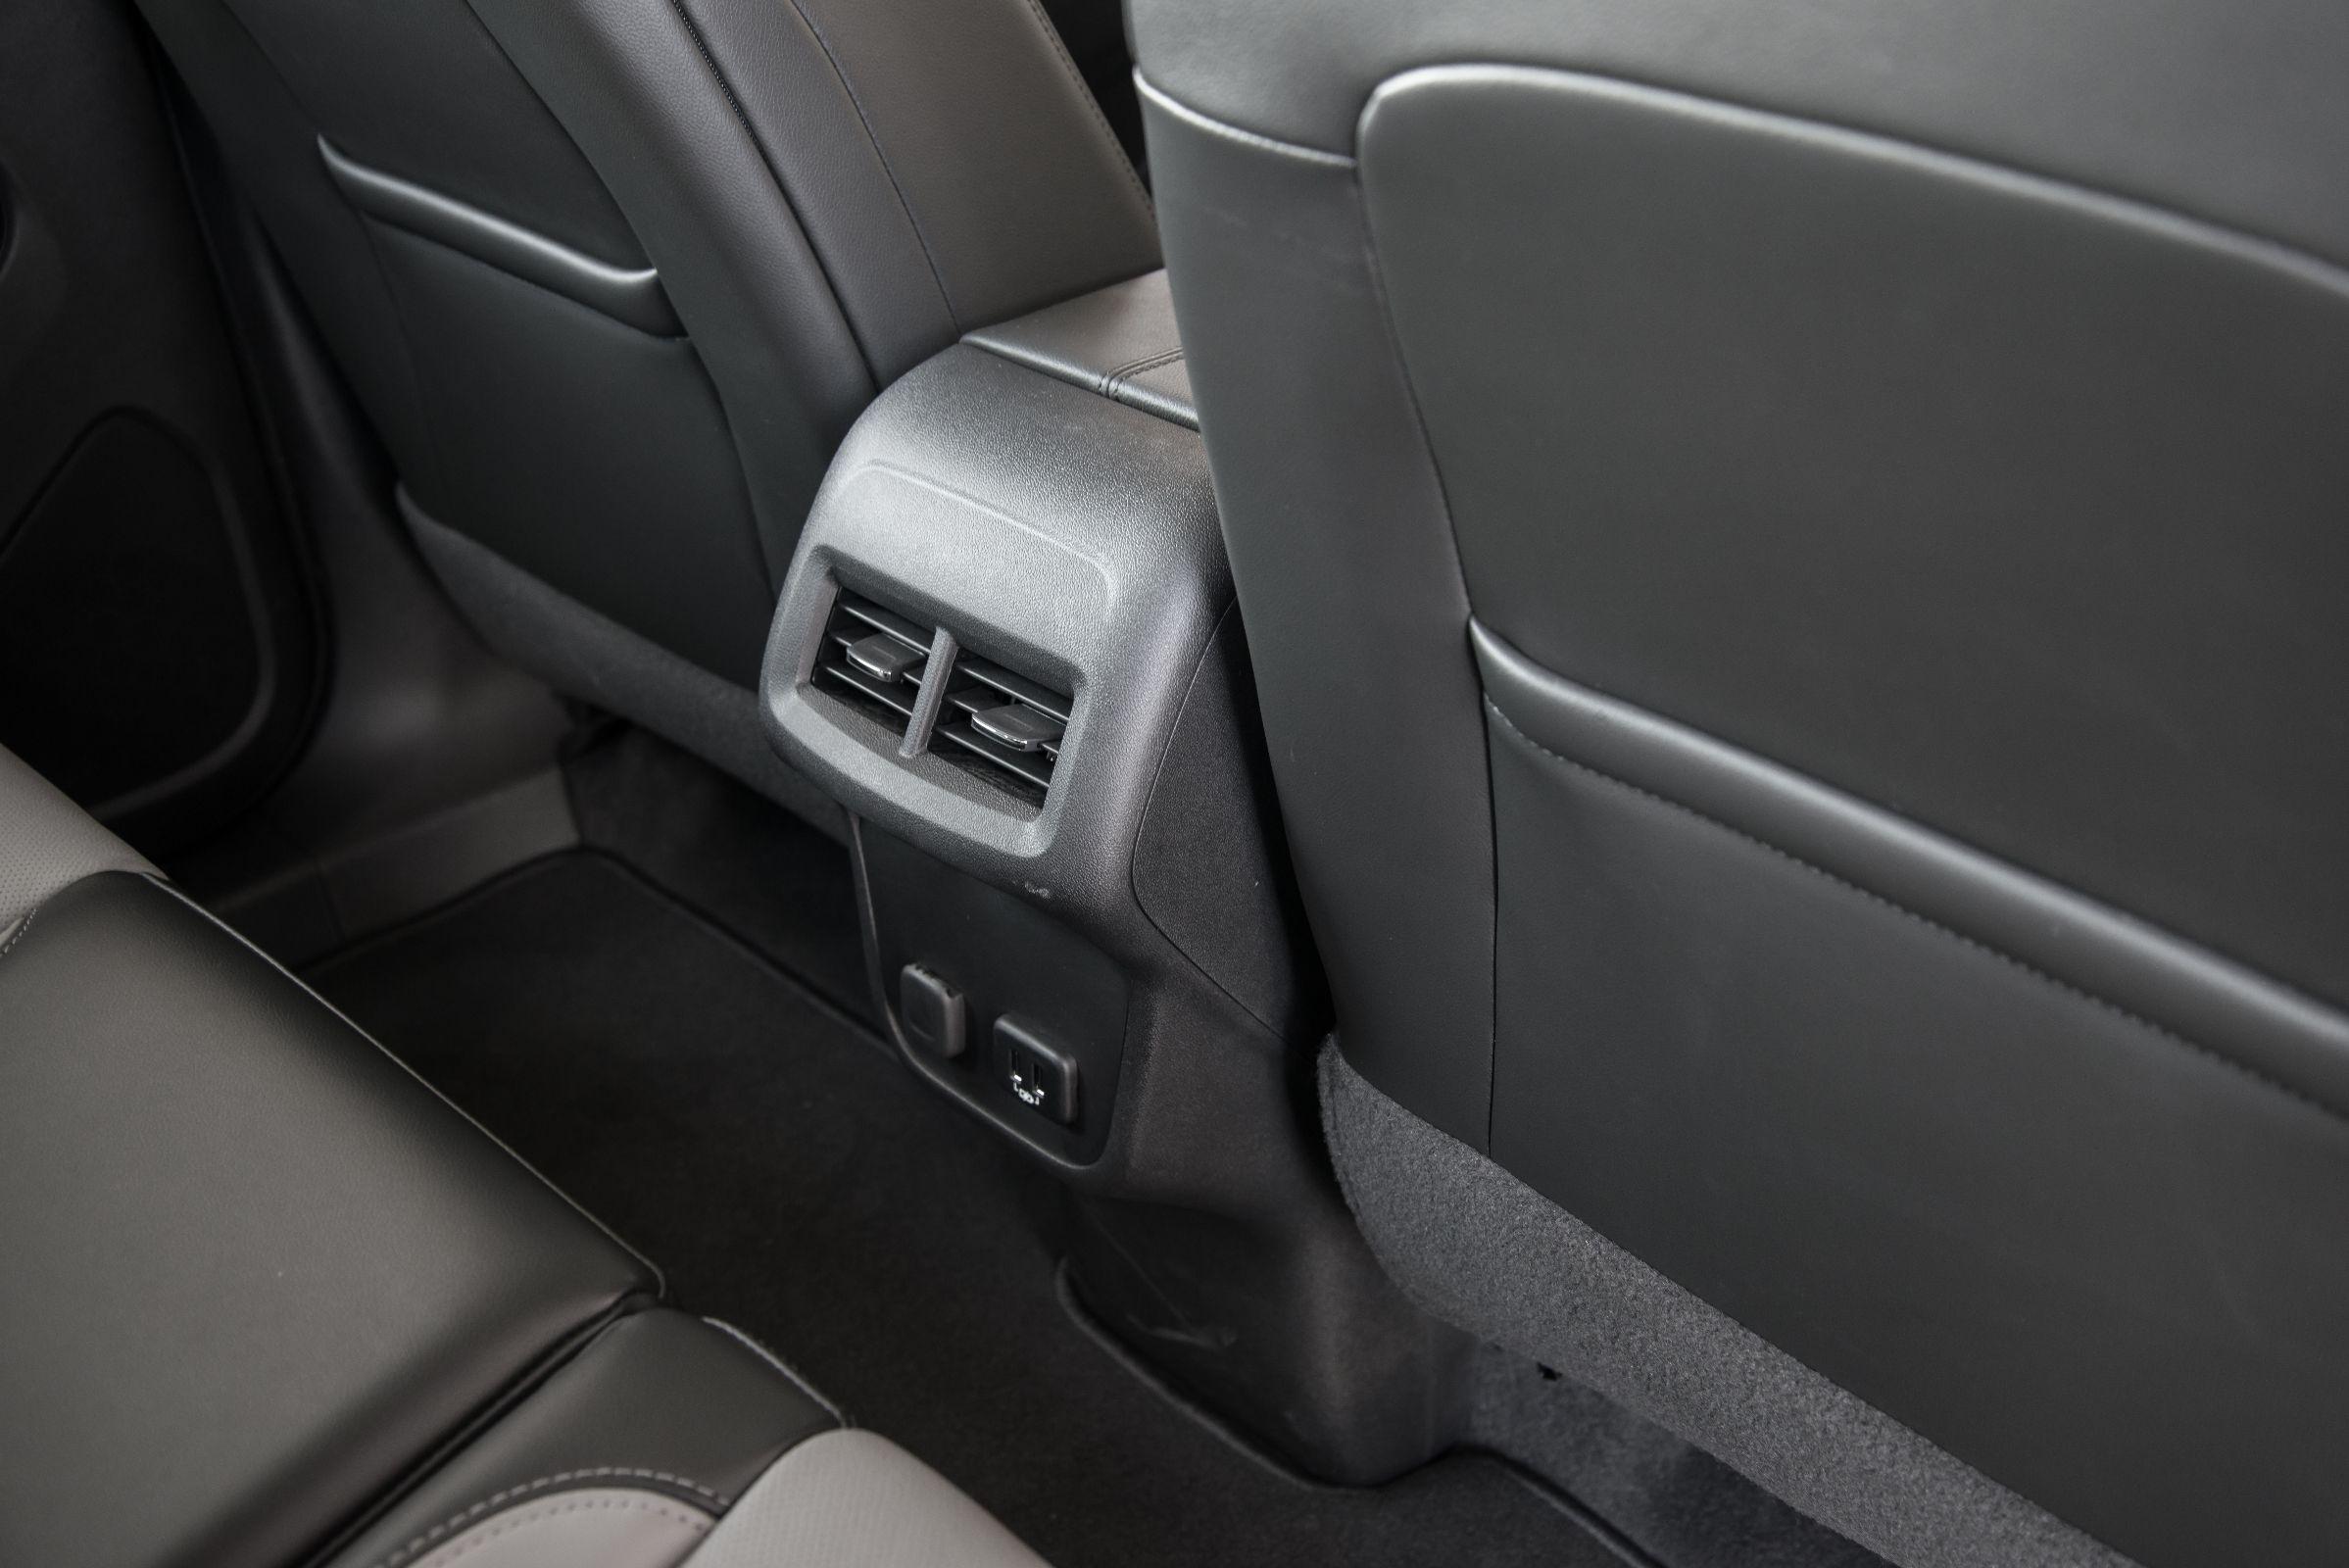 Assoalho do banco traseiro: Saiba os detalhes do novo SUV Chevrolet Equinox 2018, que chega em versão única e com preço de R$ 150 mil para enfrentar concorrentes.